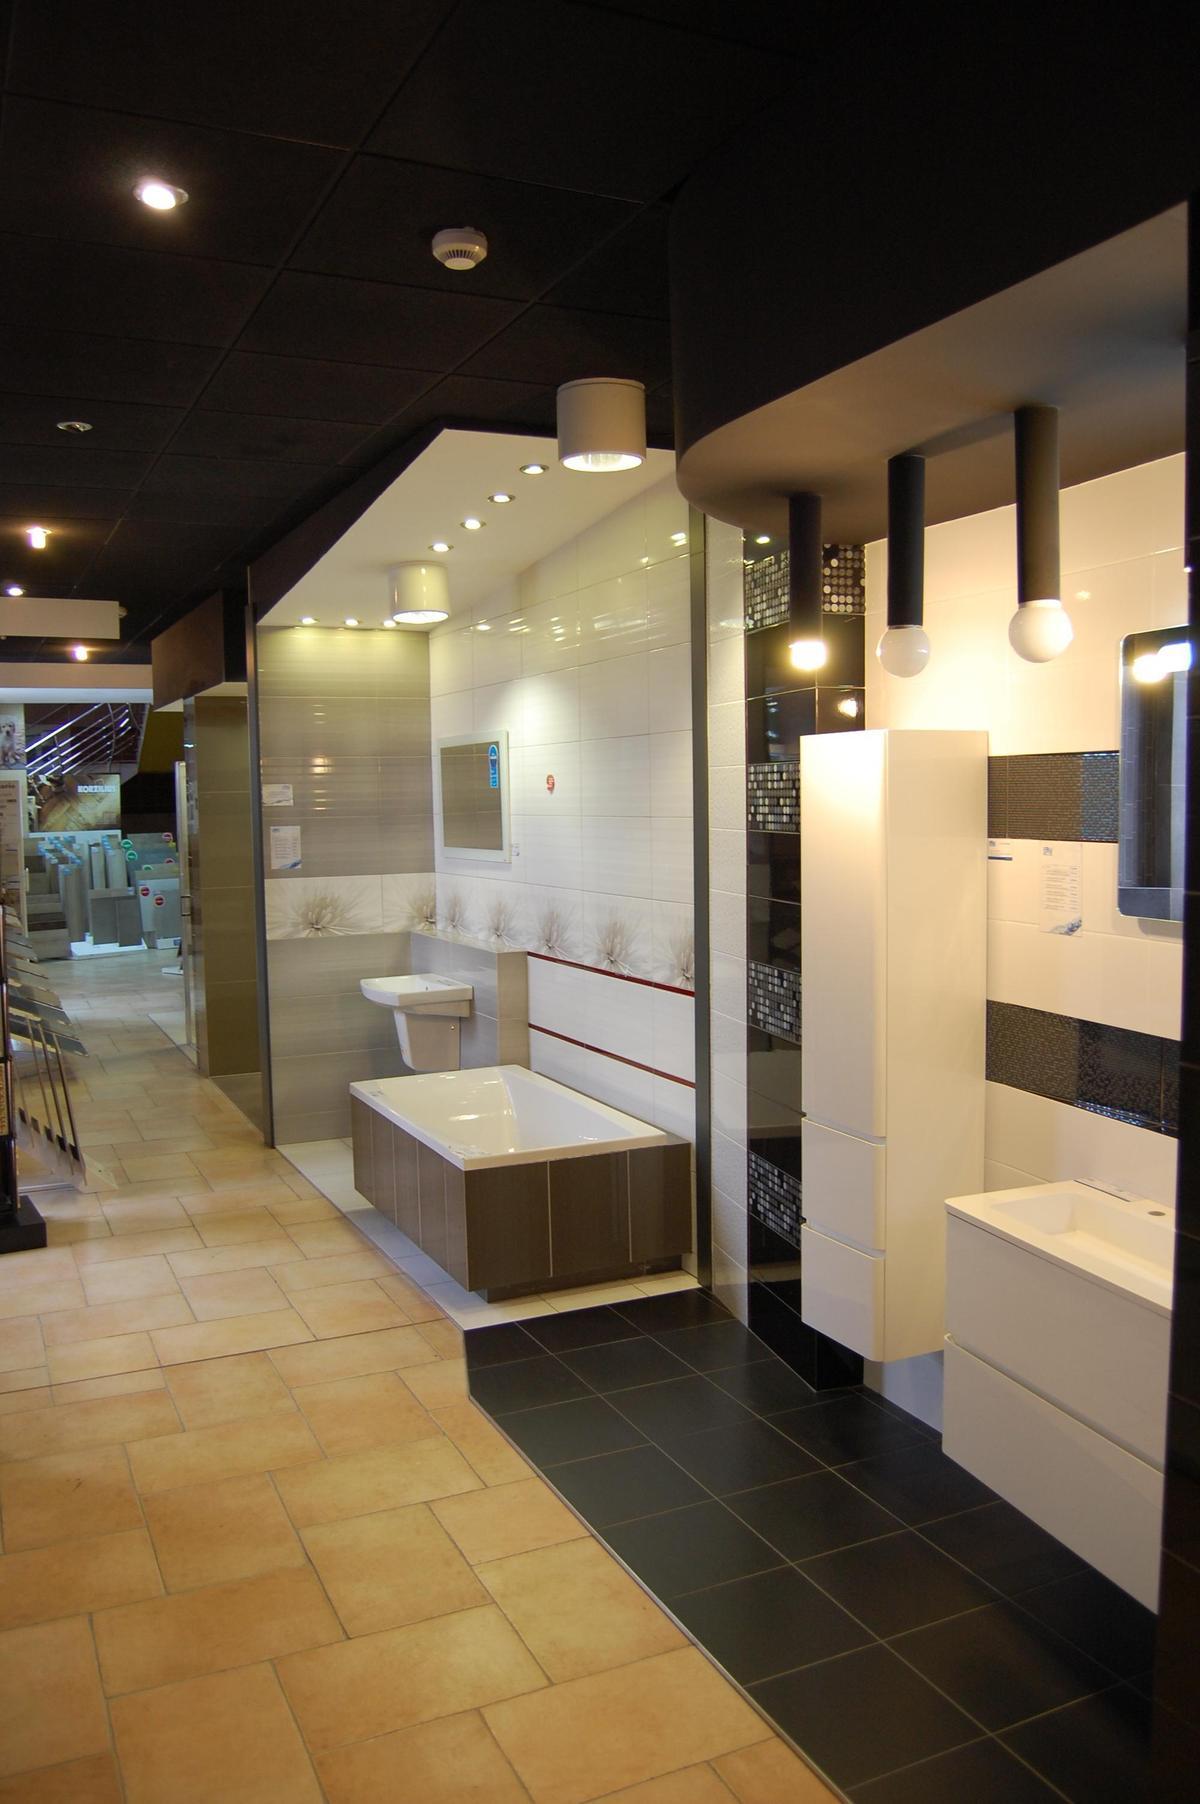 Boksy ekspozycyjne łazienek - BLU salon łazienek Nowy Sącz - zdjęcie od BLU salon łazienek Nowy Sącz